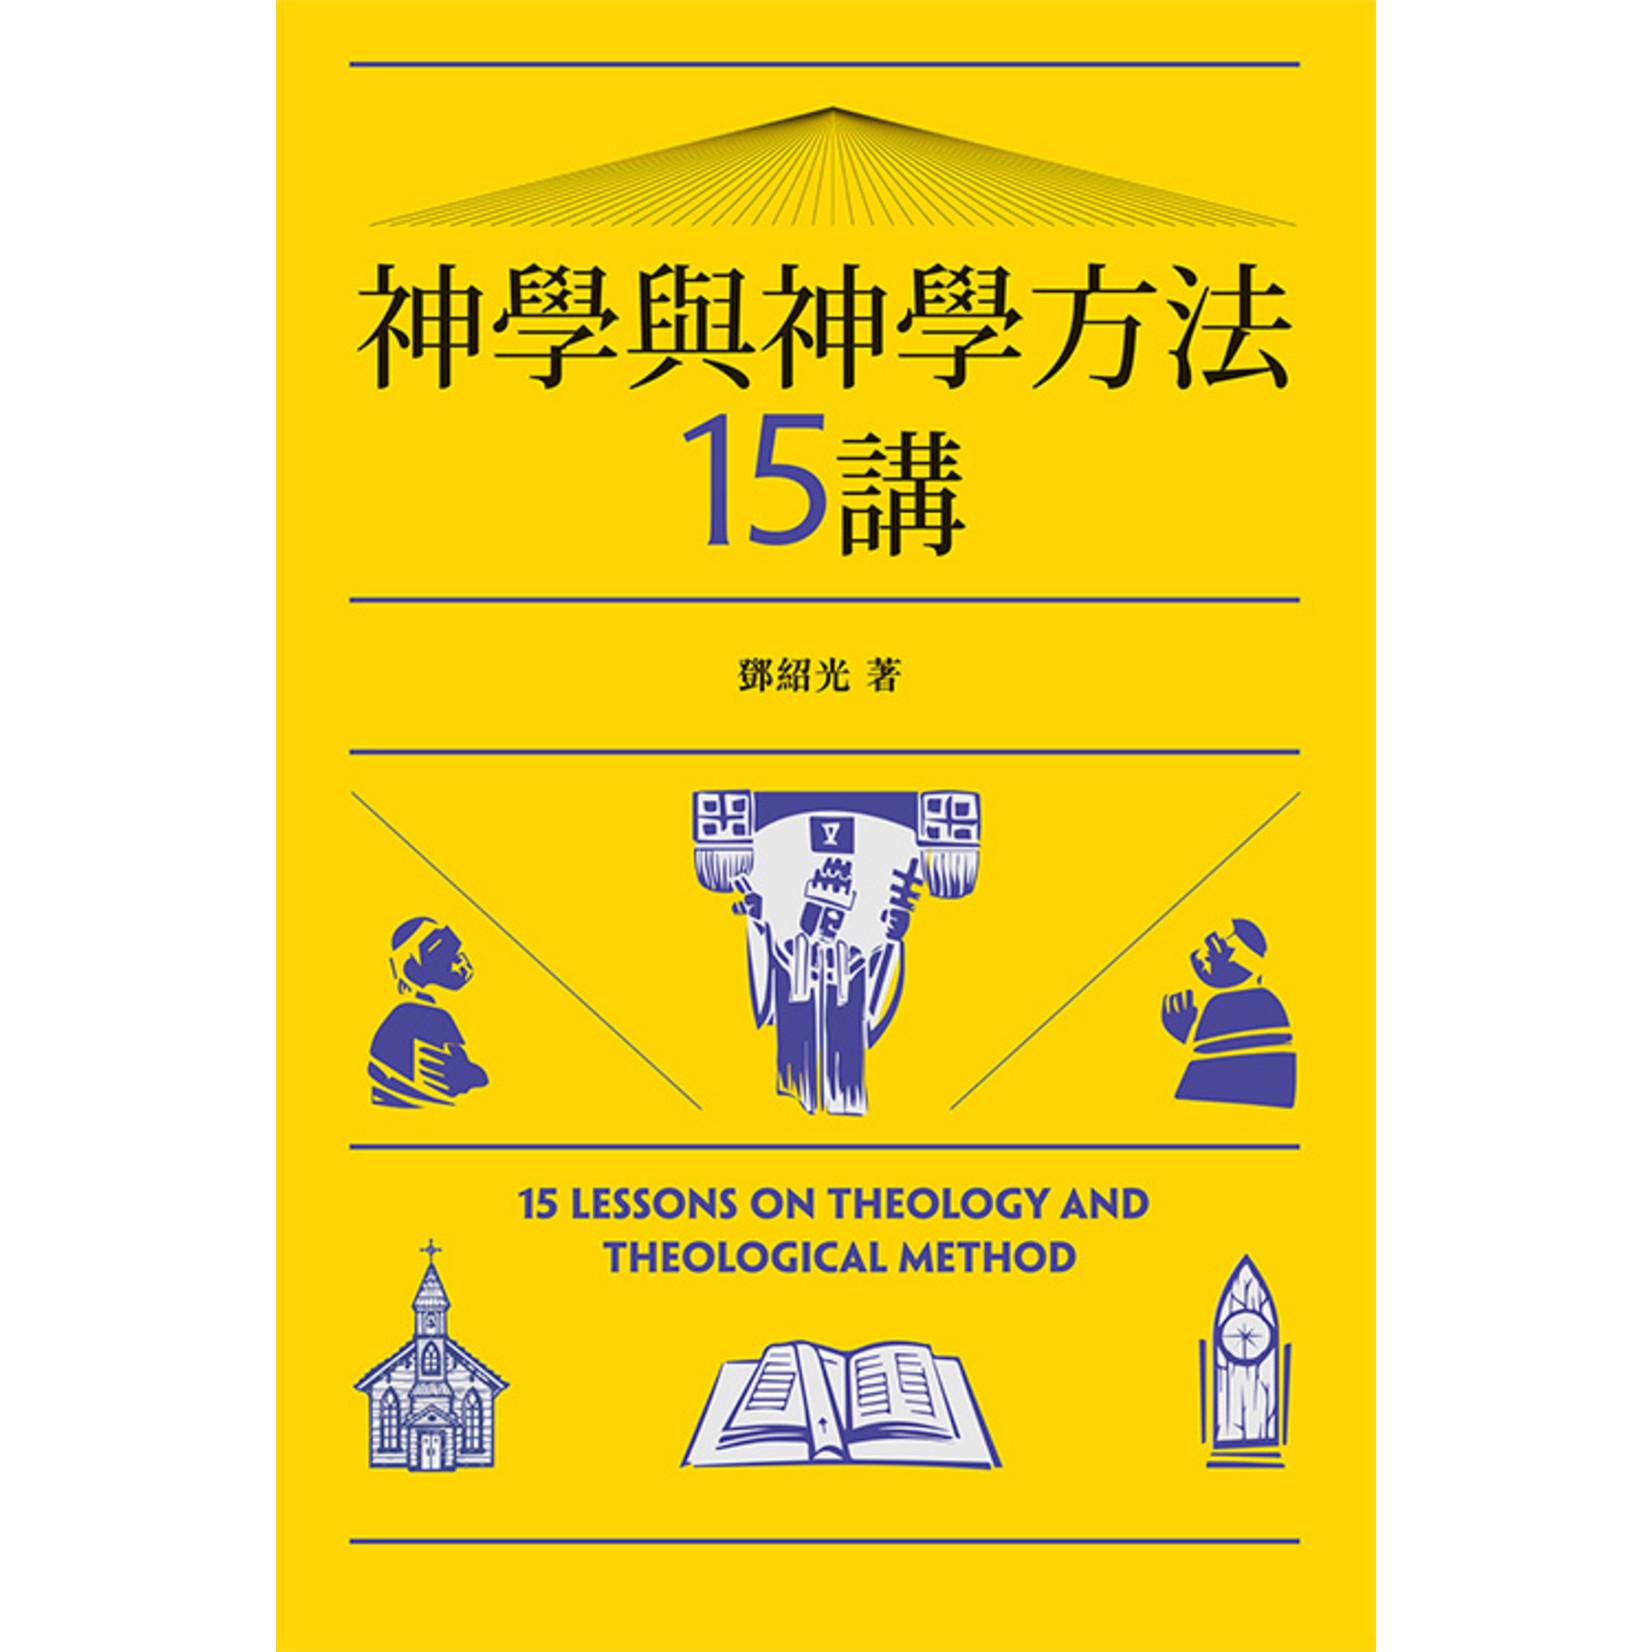 基道 Logos Book House 神學與神學方法15講 15 Lessons on Theology and Theological Method